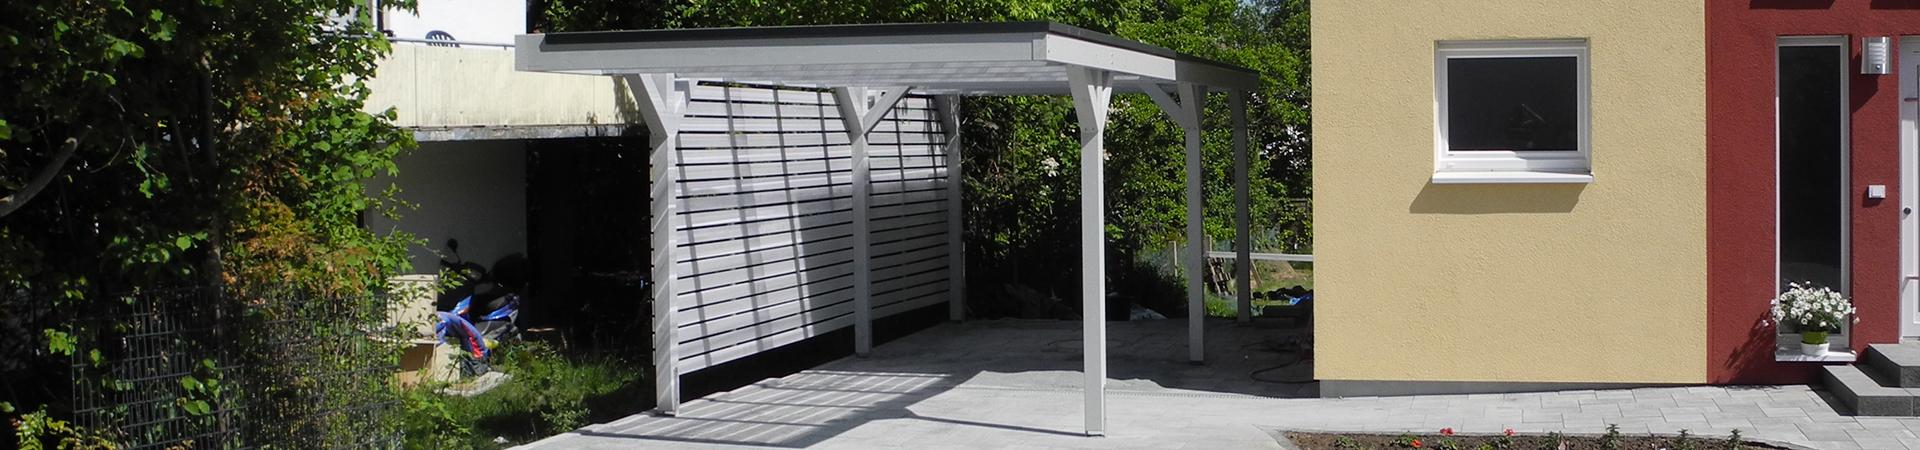 bausatz carport interesting fachwerk garage wolfsburg als. Black Bedroom Furniture Sets. Home Design Ideas